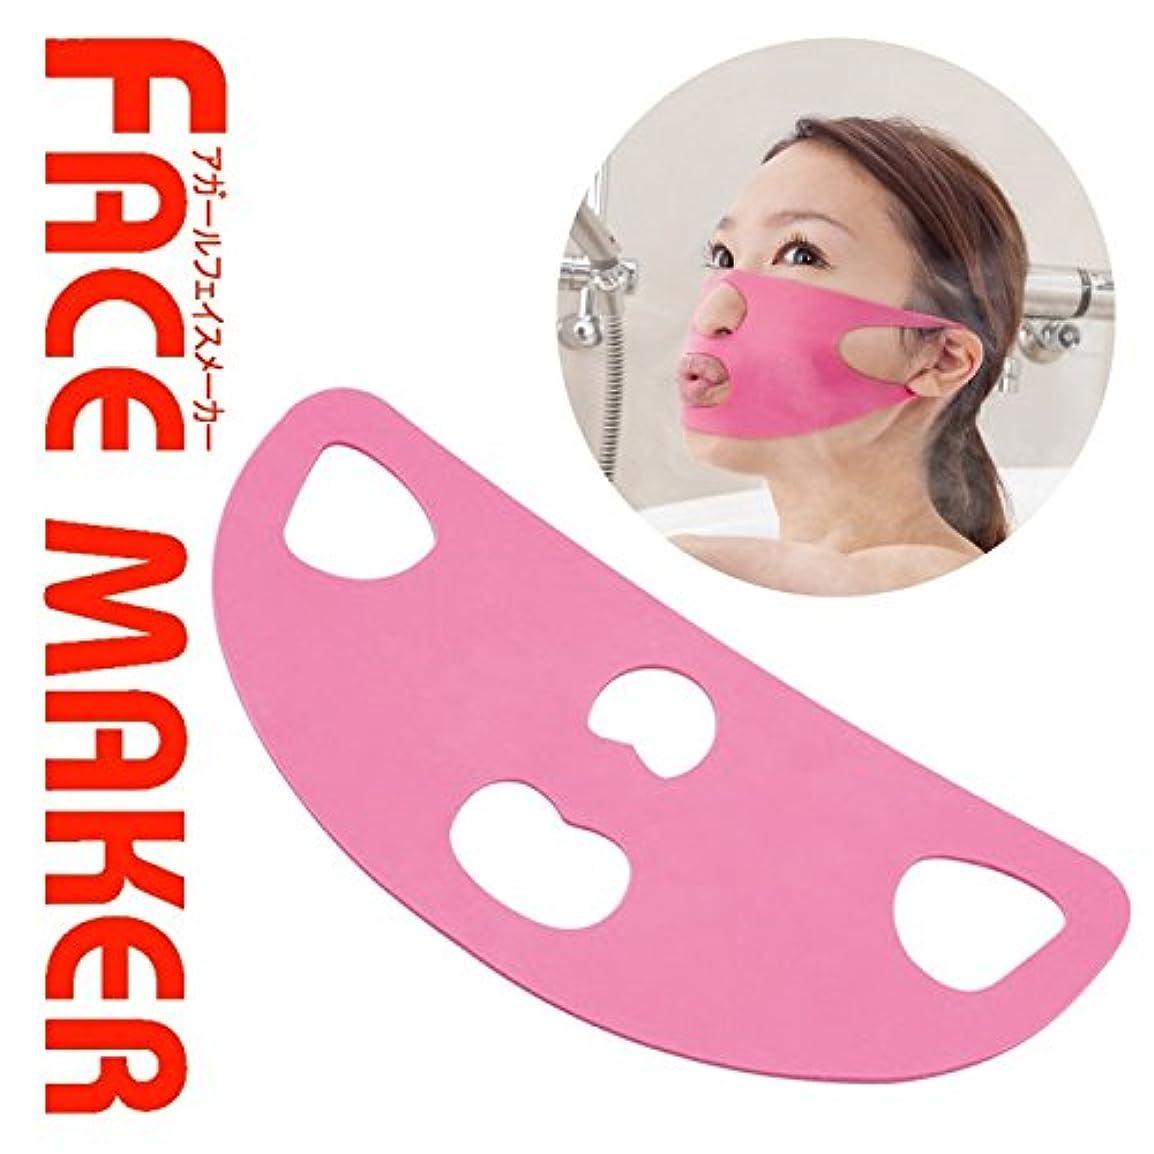 ゆるい論理系統的小顔 グッズ フェイスマスク 効果的に顔から汗を出やすくする、フェイスマスク 美容?健康 アガール フェイスメイカー